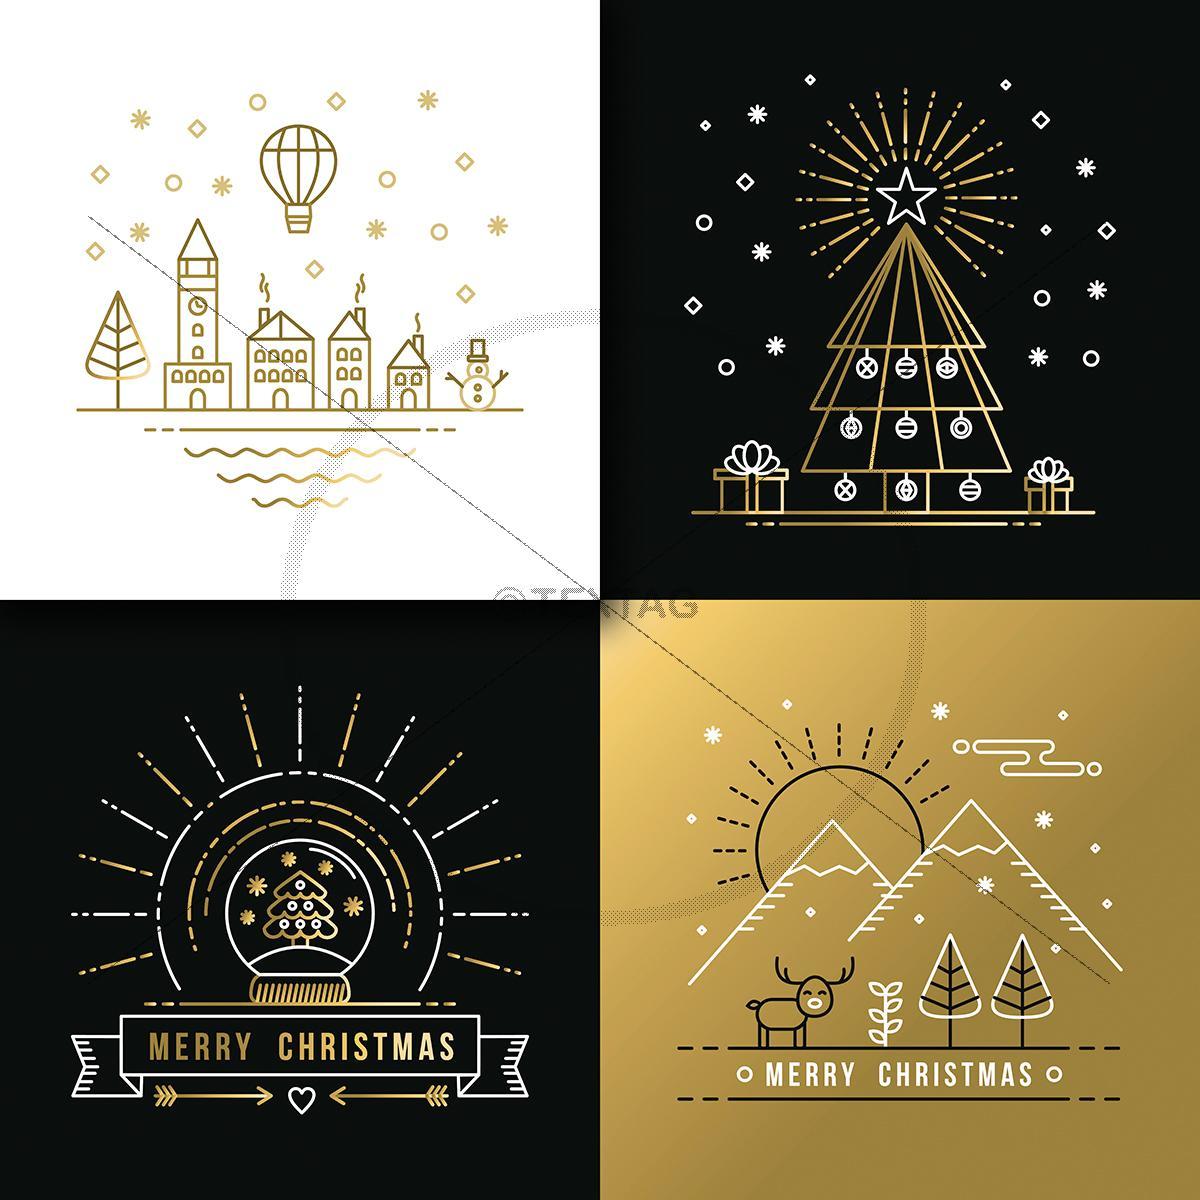 elegante weihnachts ecard gold schwarz f r firmen. Black Bedroom Furniture Sets. Home Design Ideas